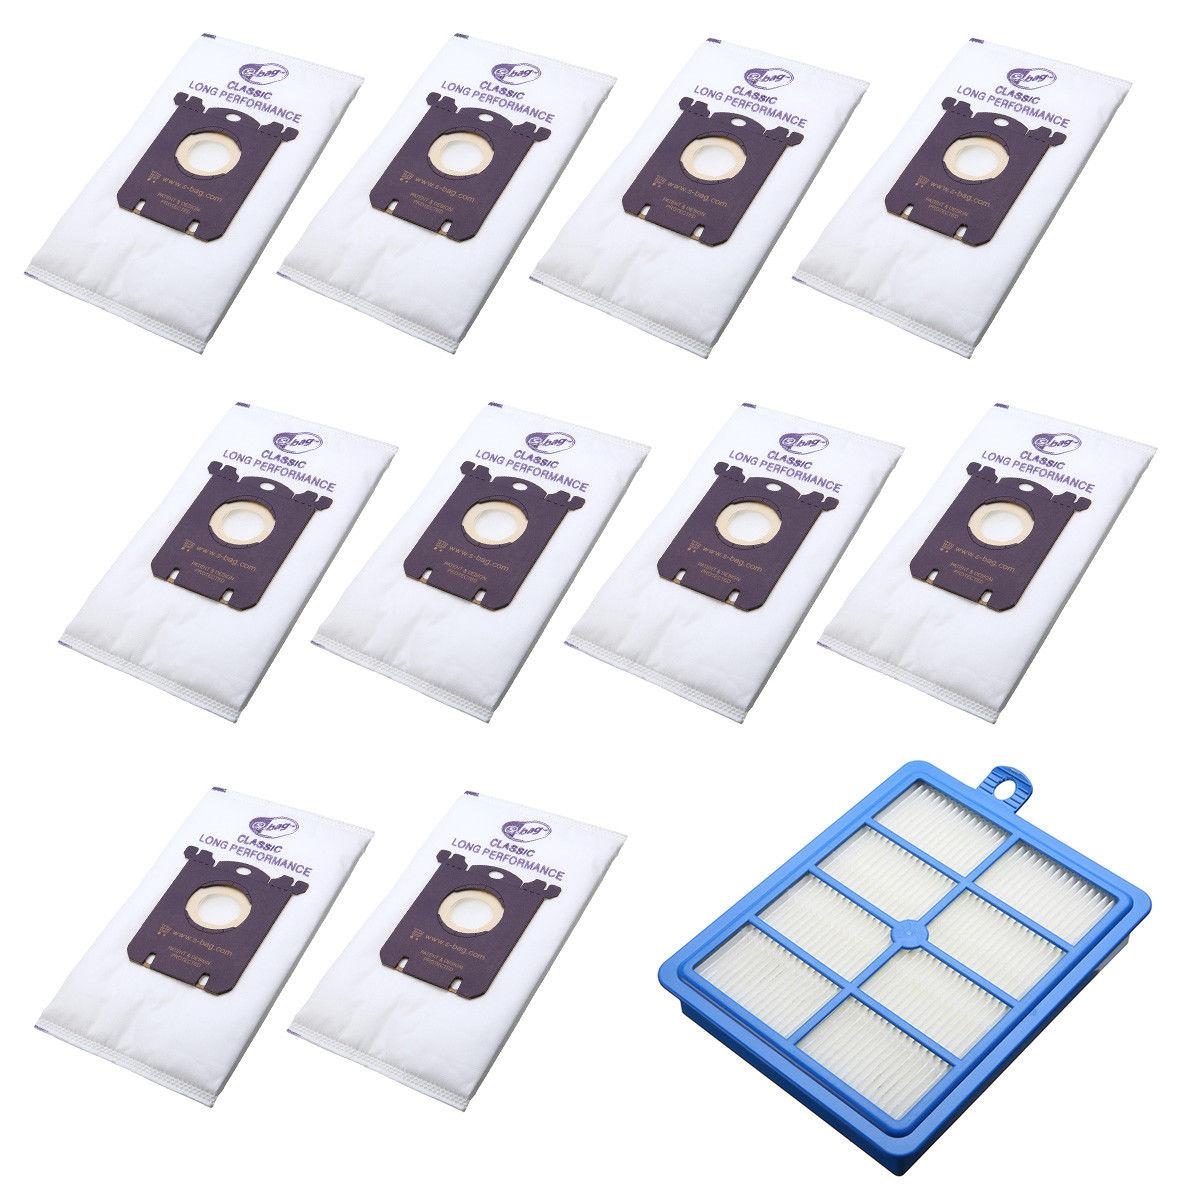 10 шт. пылесборники S-Bag + 1 шт. H12 Hepa фильтр для Philip Electrolux пылесос FC8202 FC9084 FC9087 FC9130